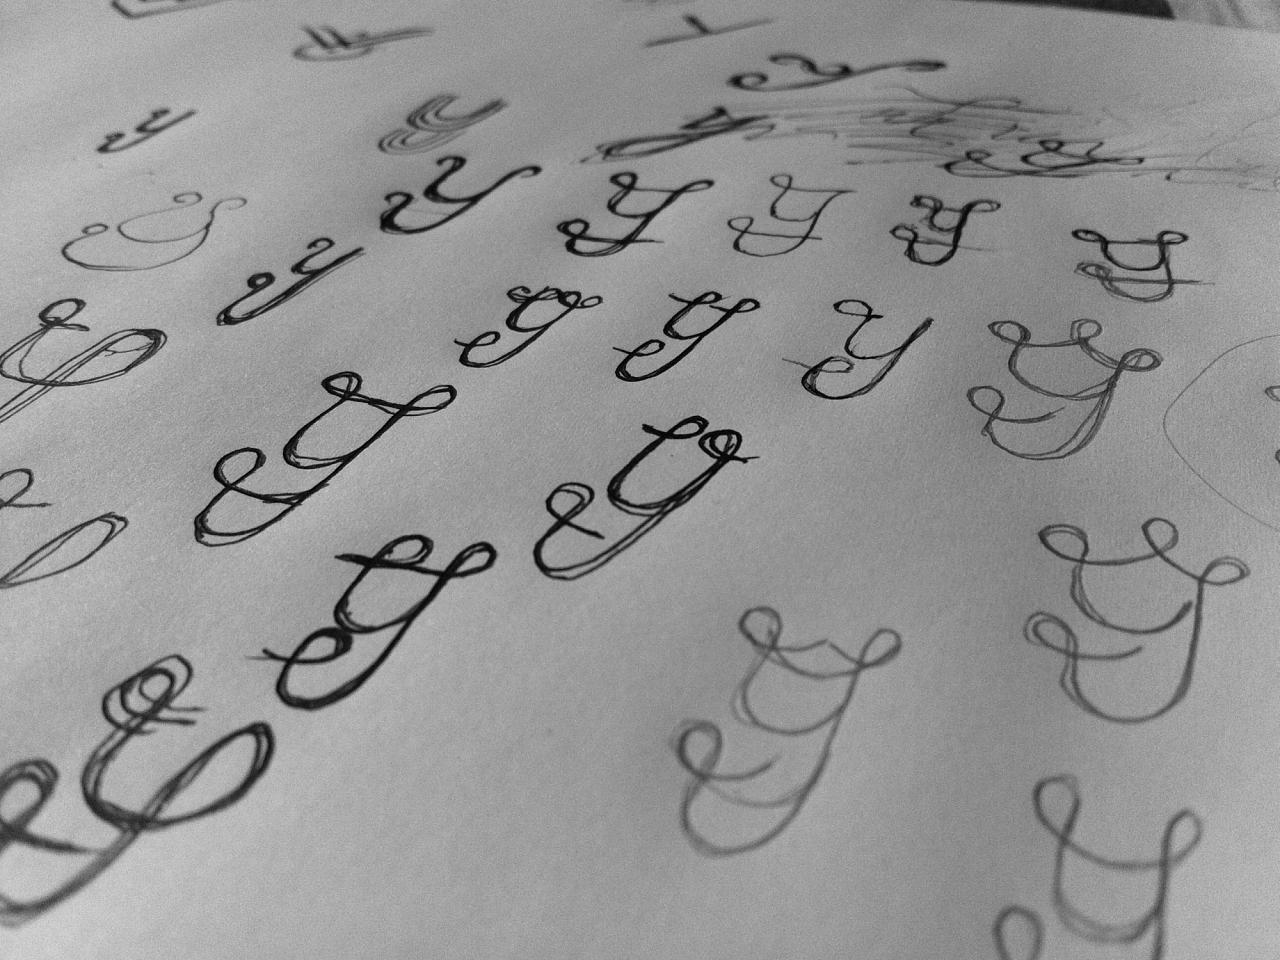 茵克拉芙品牌形象设计方案-yesimvdesign图片